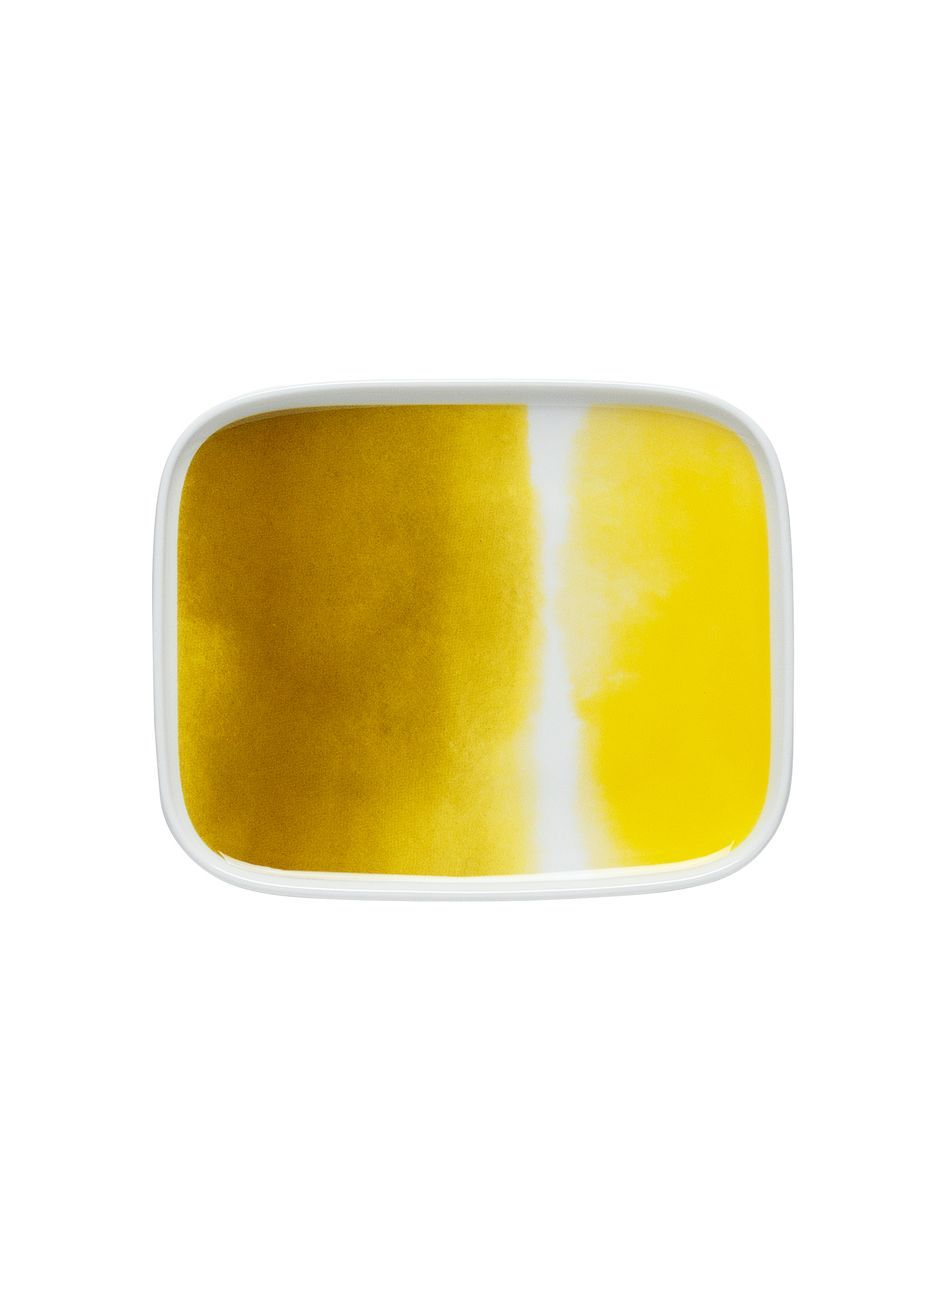 Marimekko plate, pattern design: Aino-Maija Metsola  Oiva/Sääpäiväkirja-lautanen (valkoinen,keltainen) |Sisustustuotteet, Keittiö, Posliinit, Lautaset | Marimekko